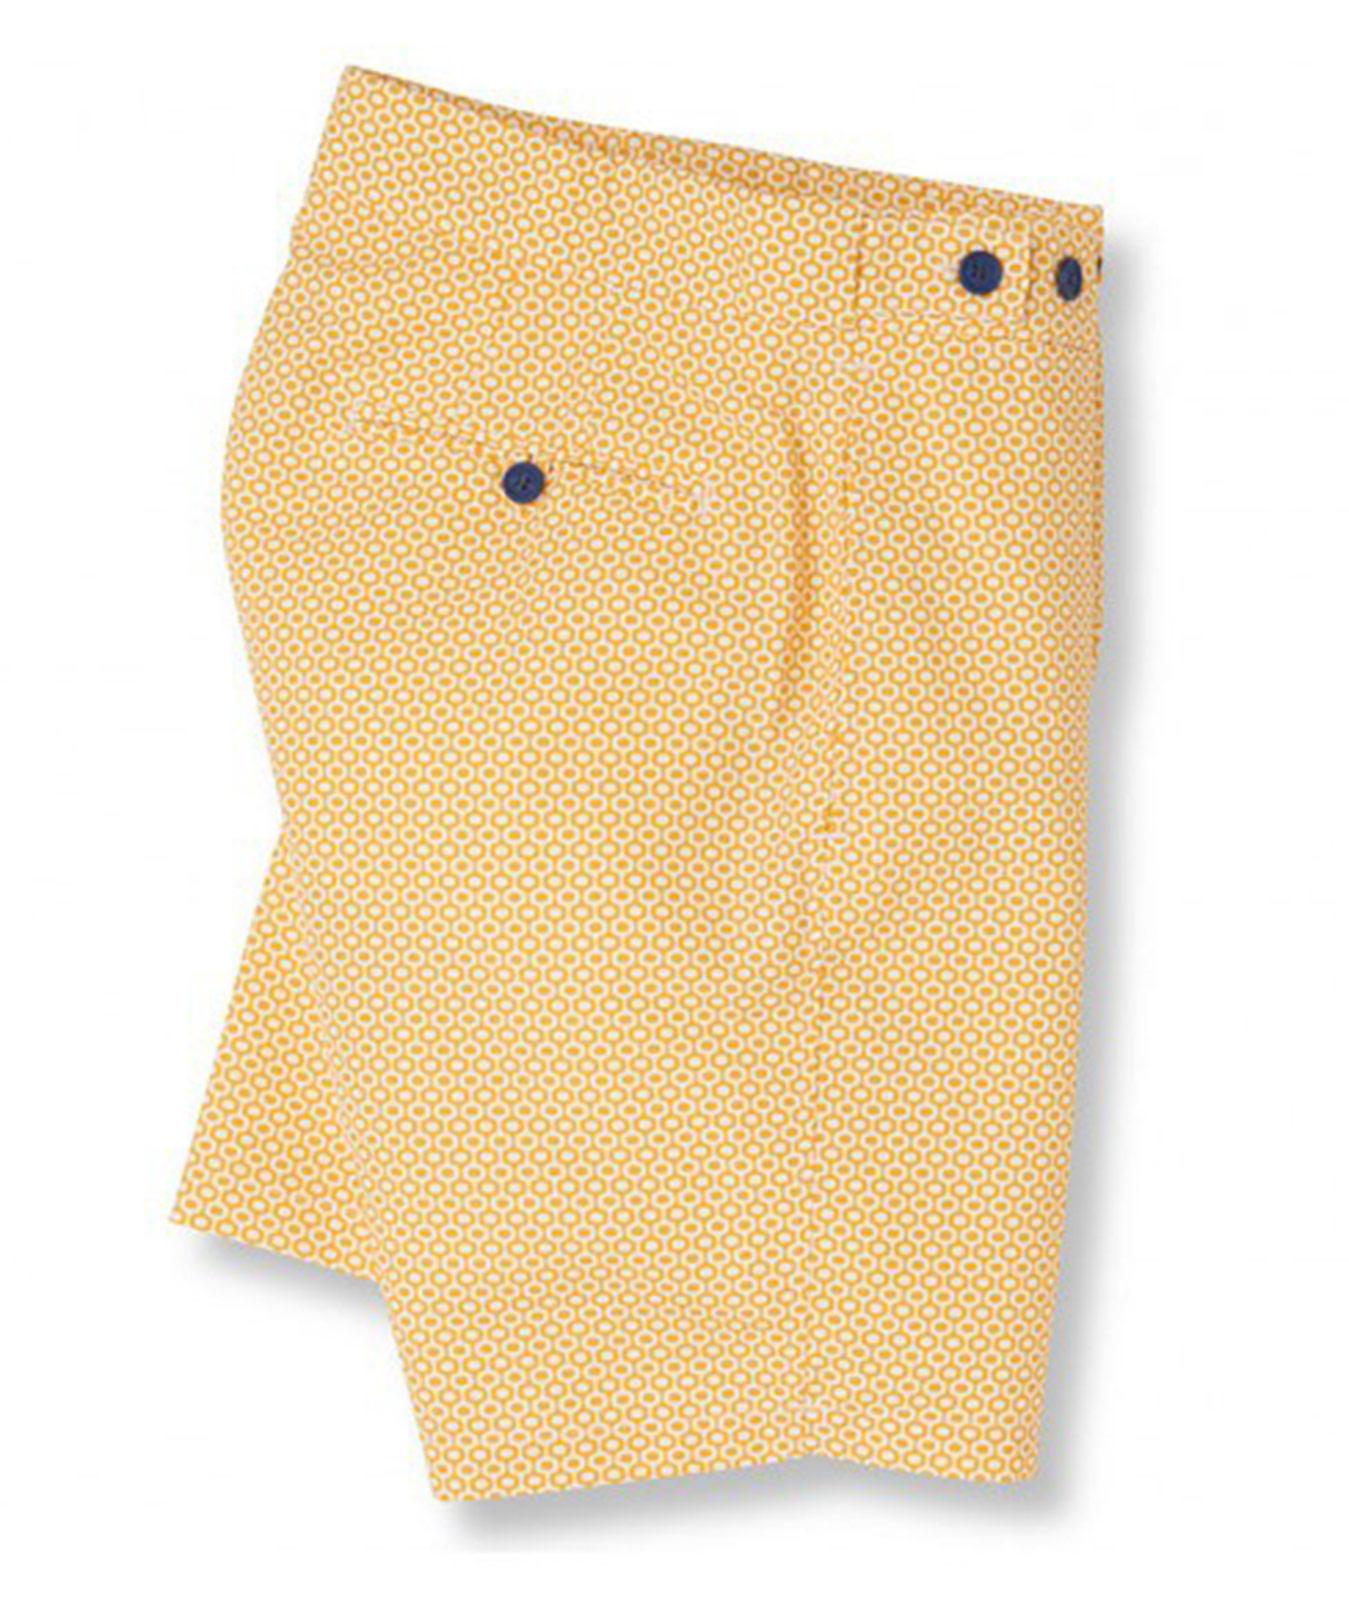 bee5f2eb049b Pantaloncini Da Spiaggia Gialli Con Stampa Grafica Giallo   Arancio -  Ipanema Tailored Long Sunflower